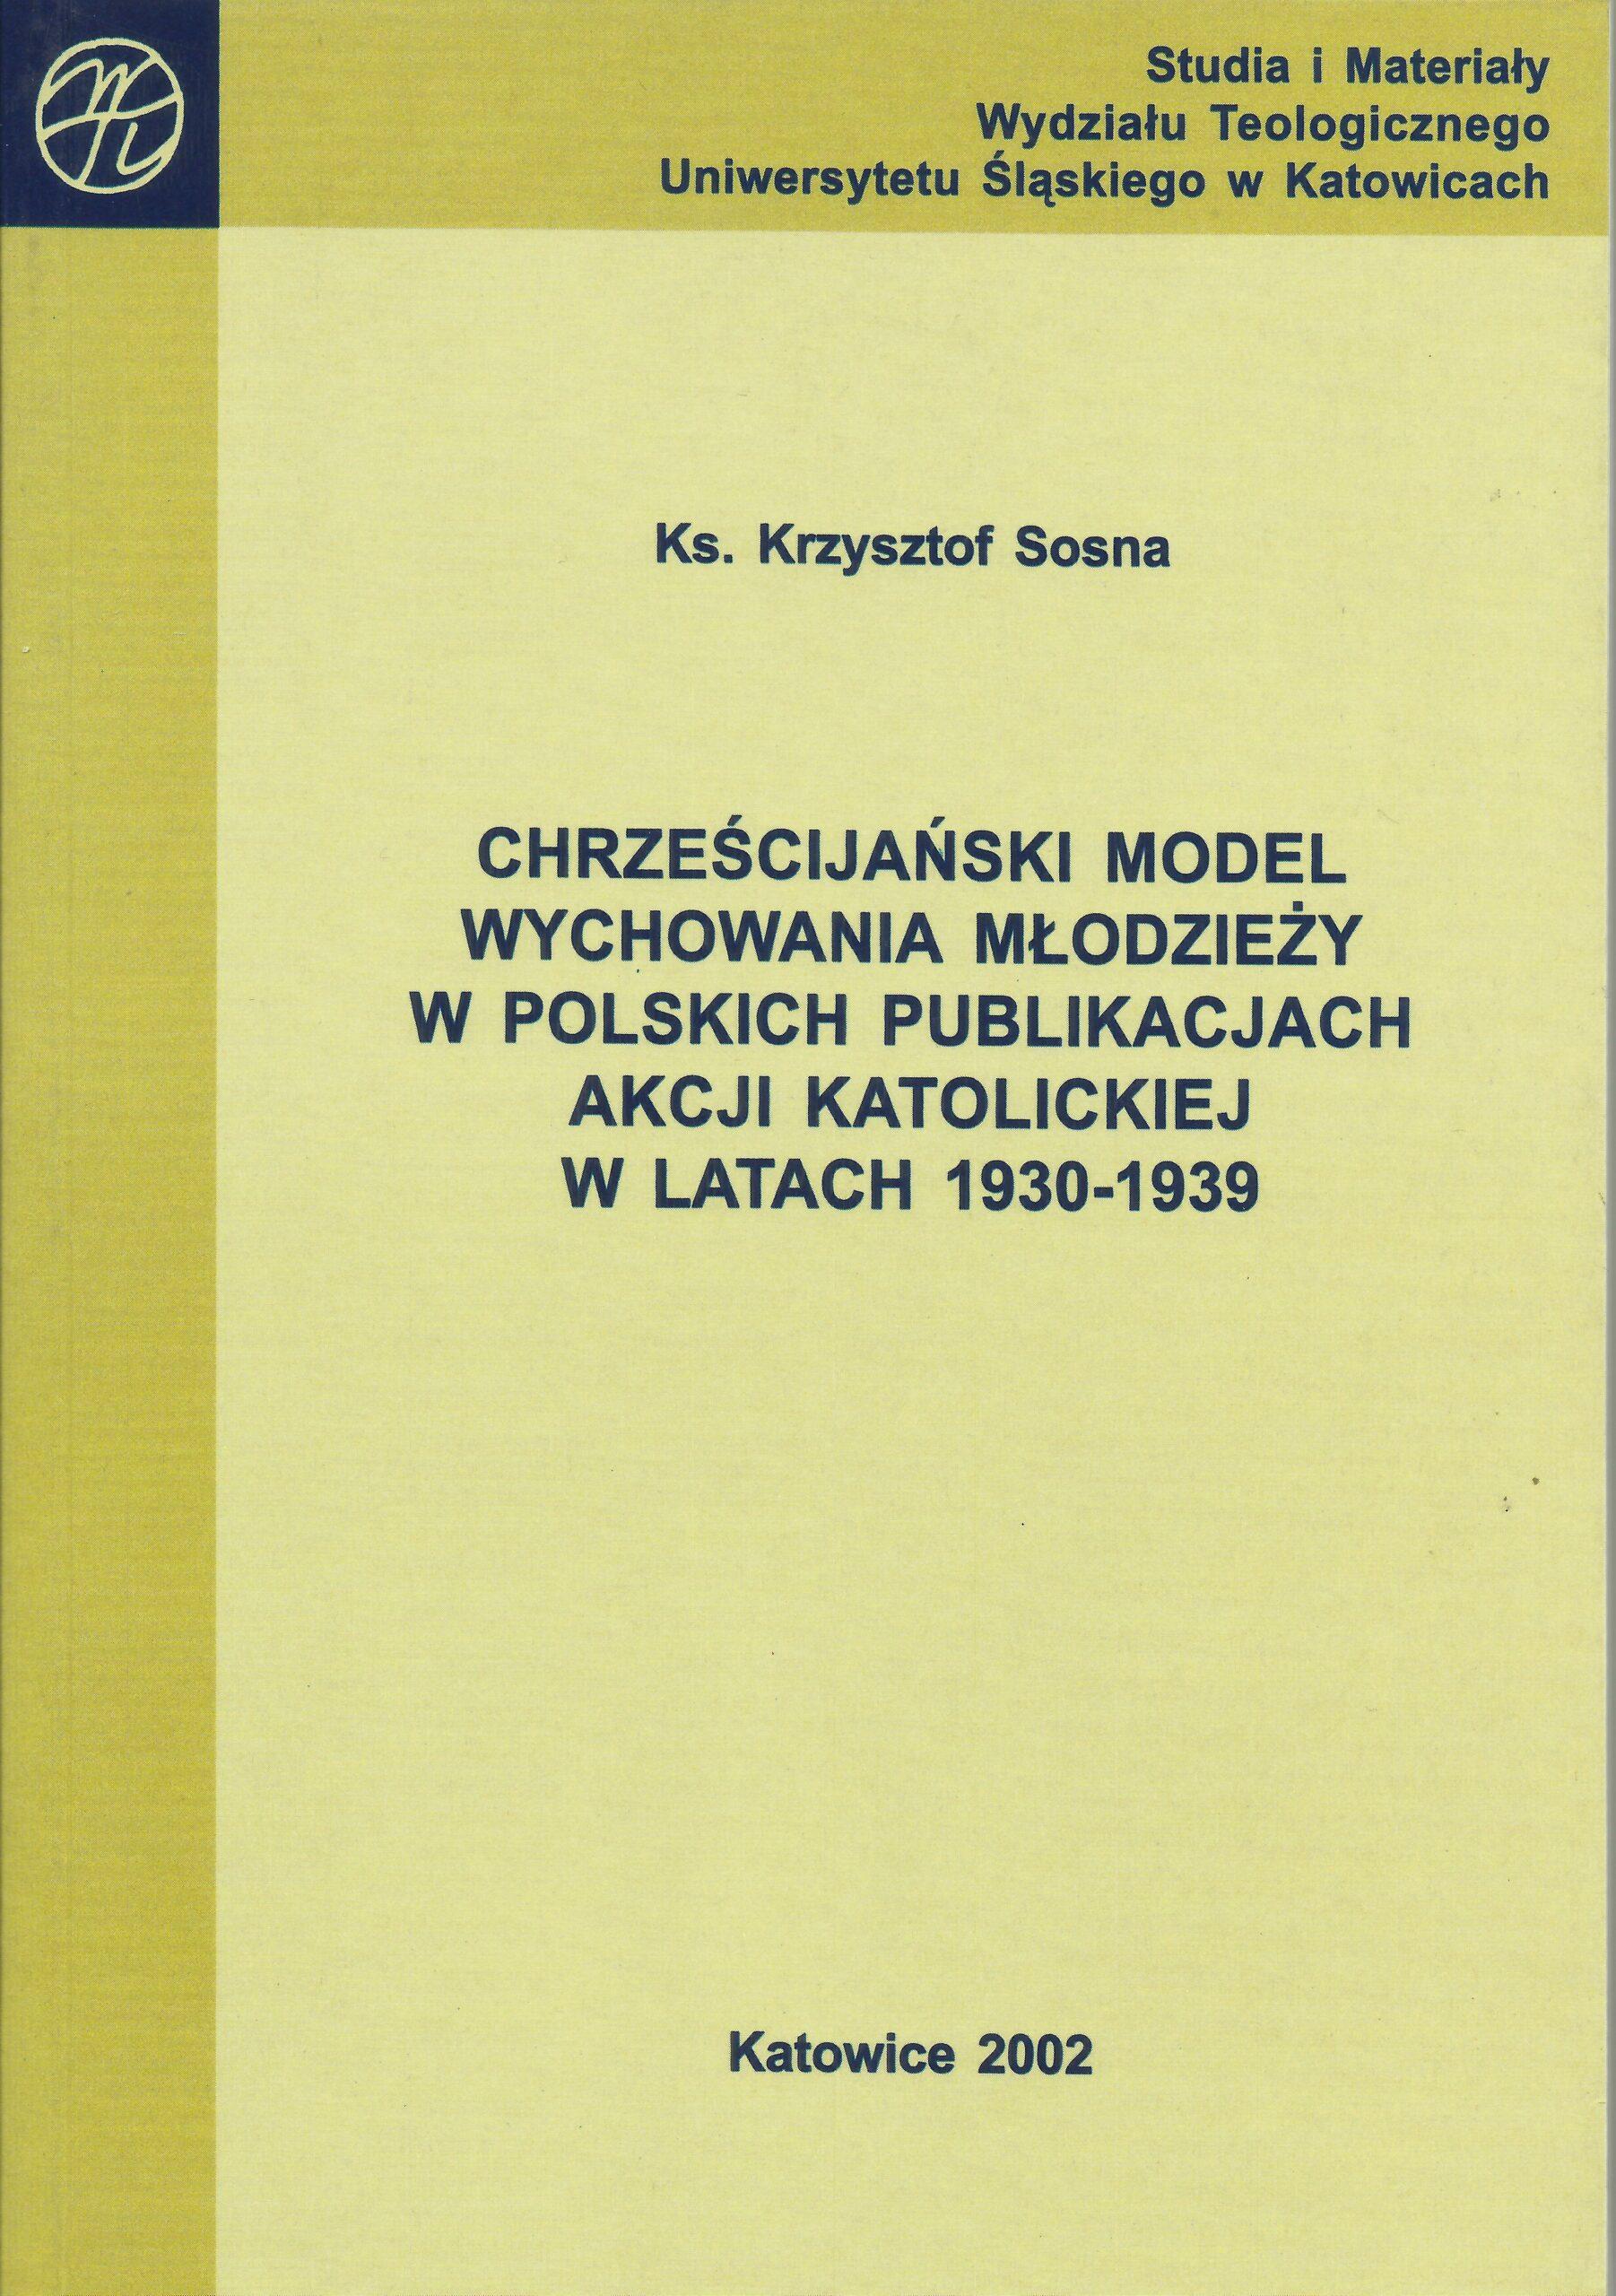 Chrześcijański model wychowania młodzieży w polskich publikacjach Akcji Katolickiej w latach 1930-1939